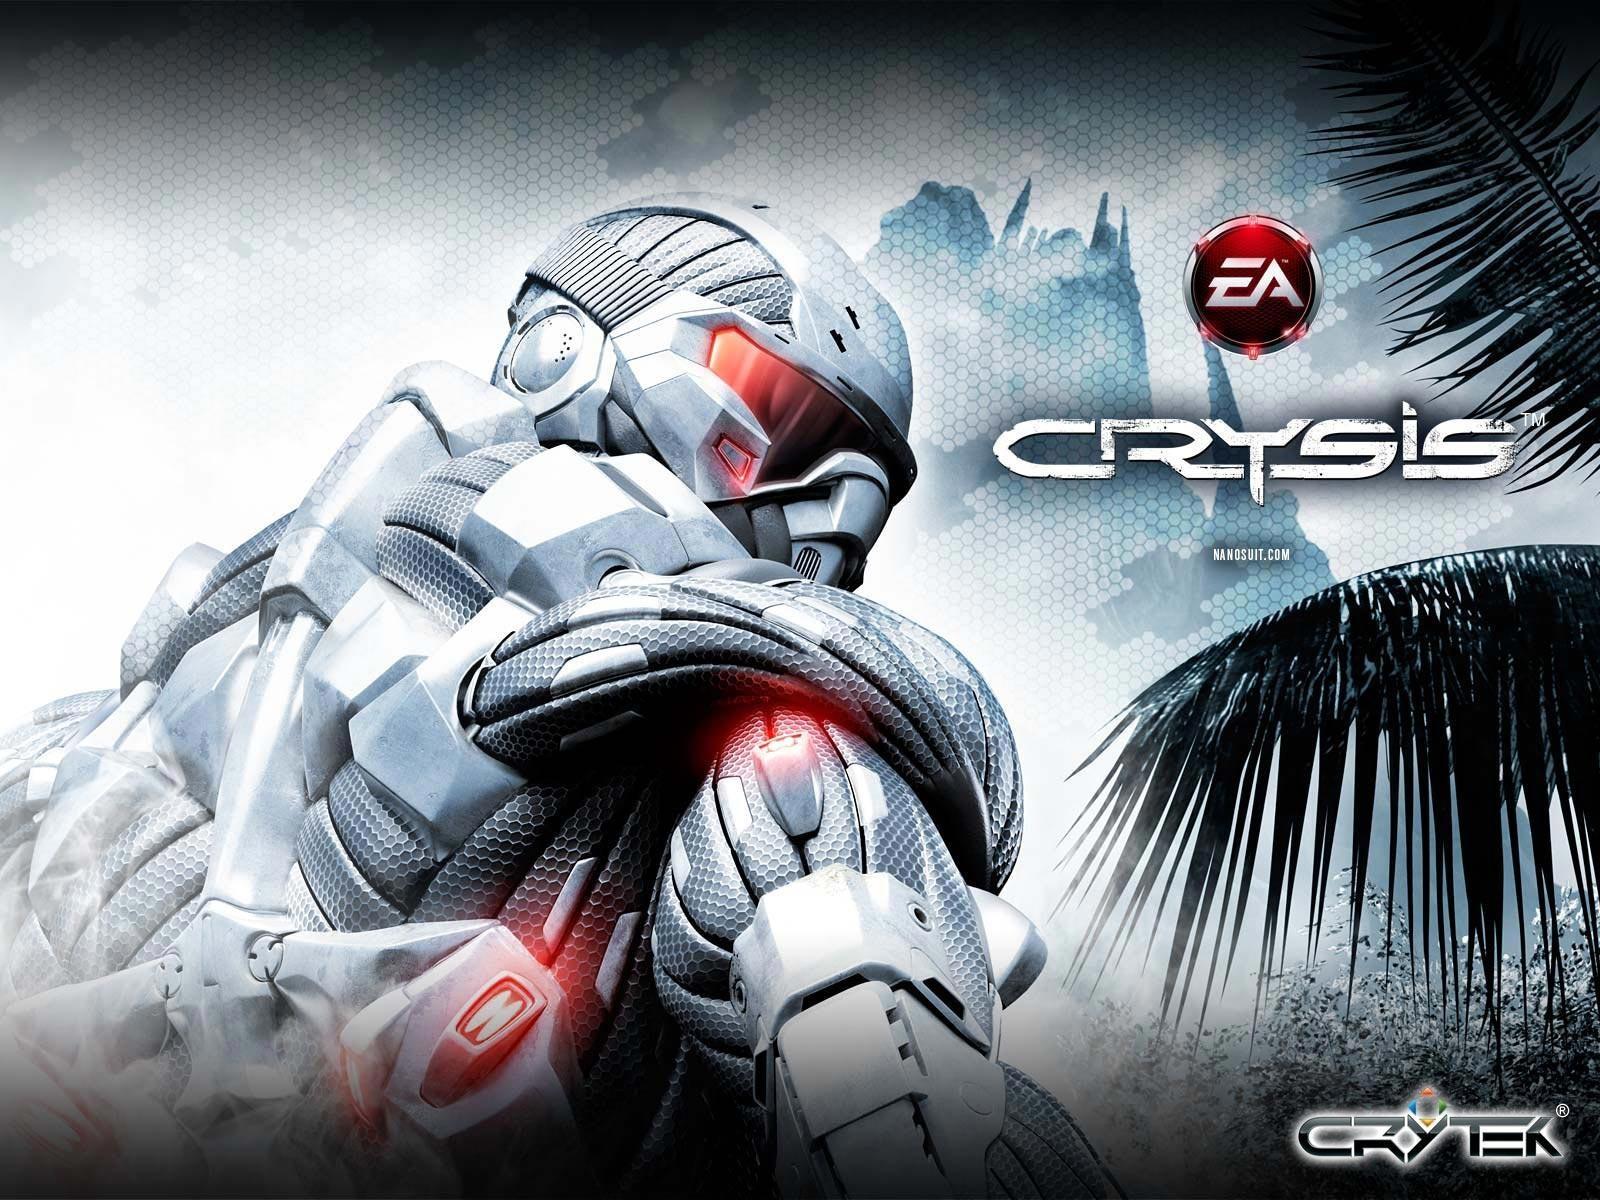 Crysis llega a Xbox Live y PSN el 4 de octubre